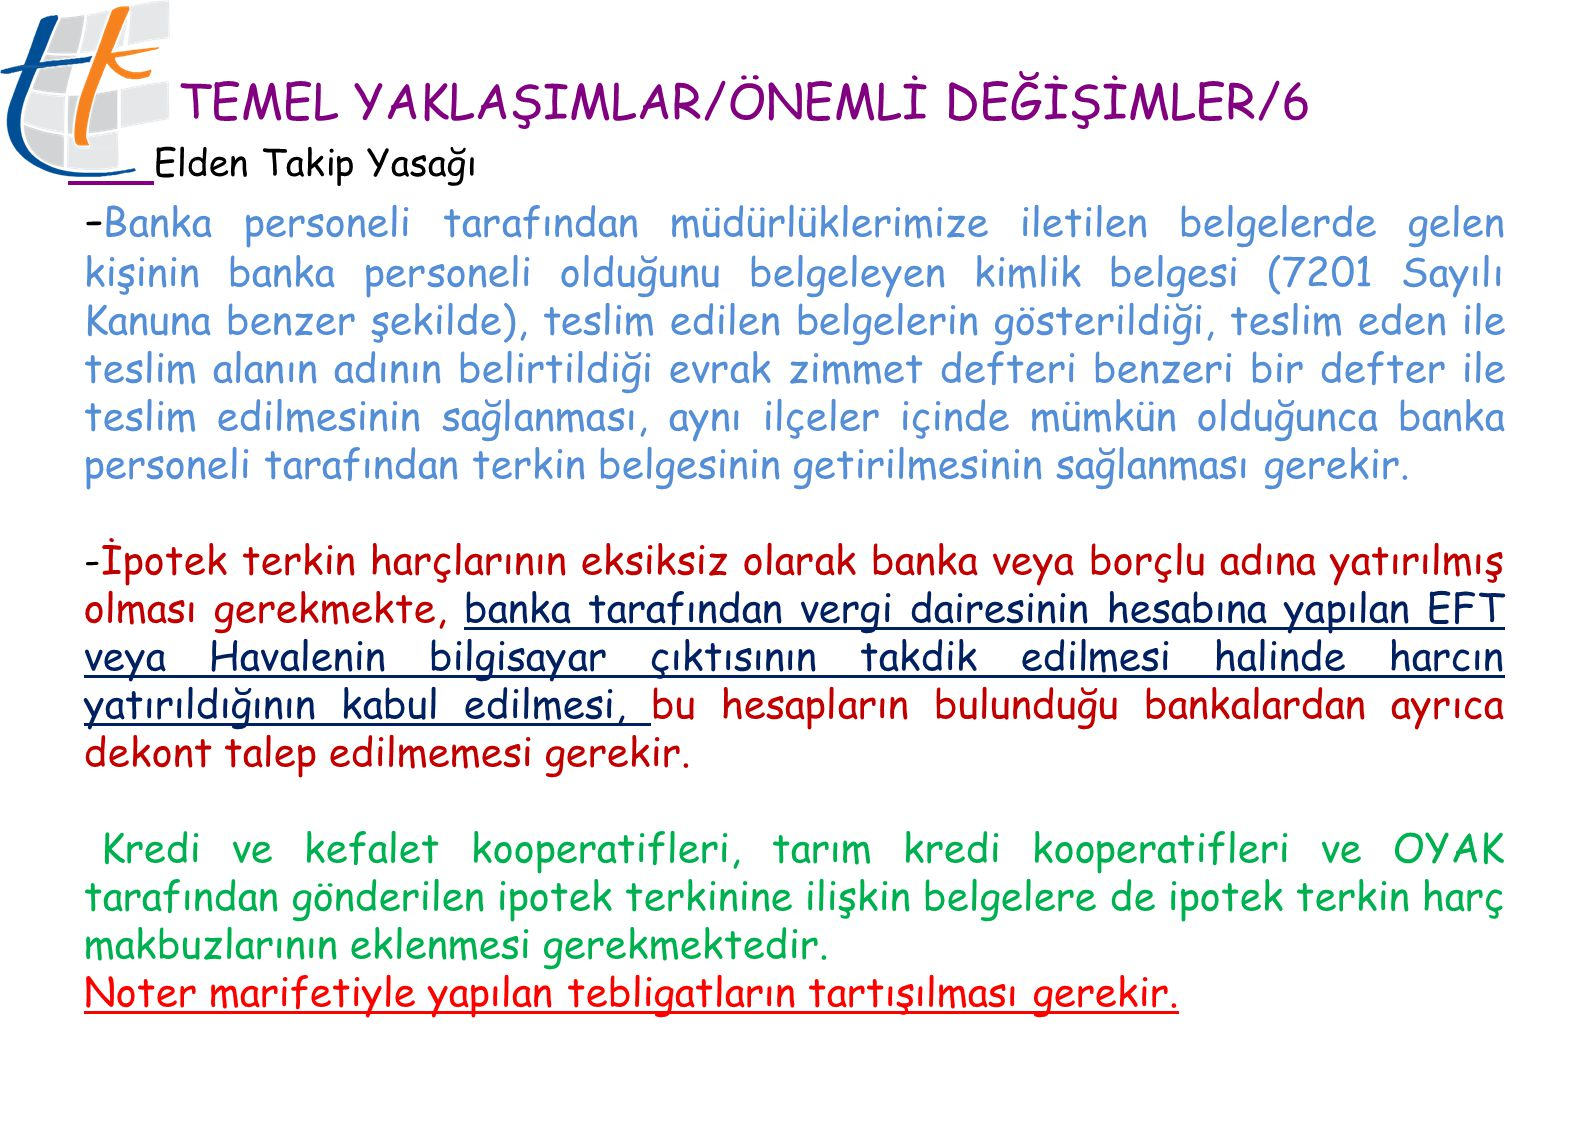 TEMEL YAKLAŞIMLAR/ÖNEMLİ DEĞİŞİMLER/6 Elden Takip Yasağı